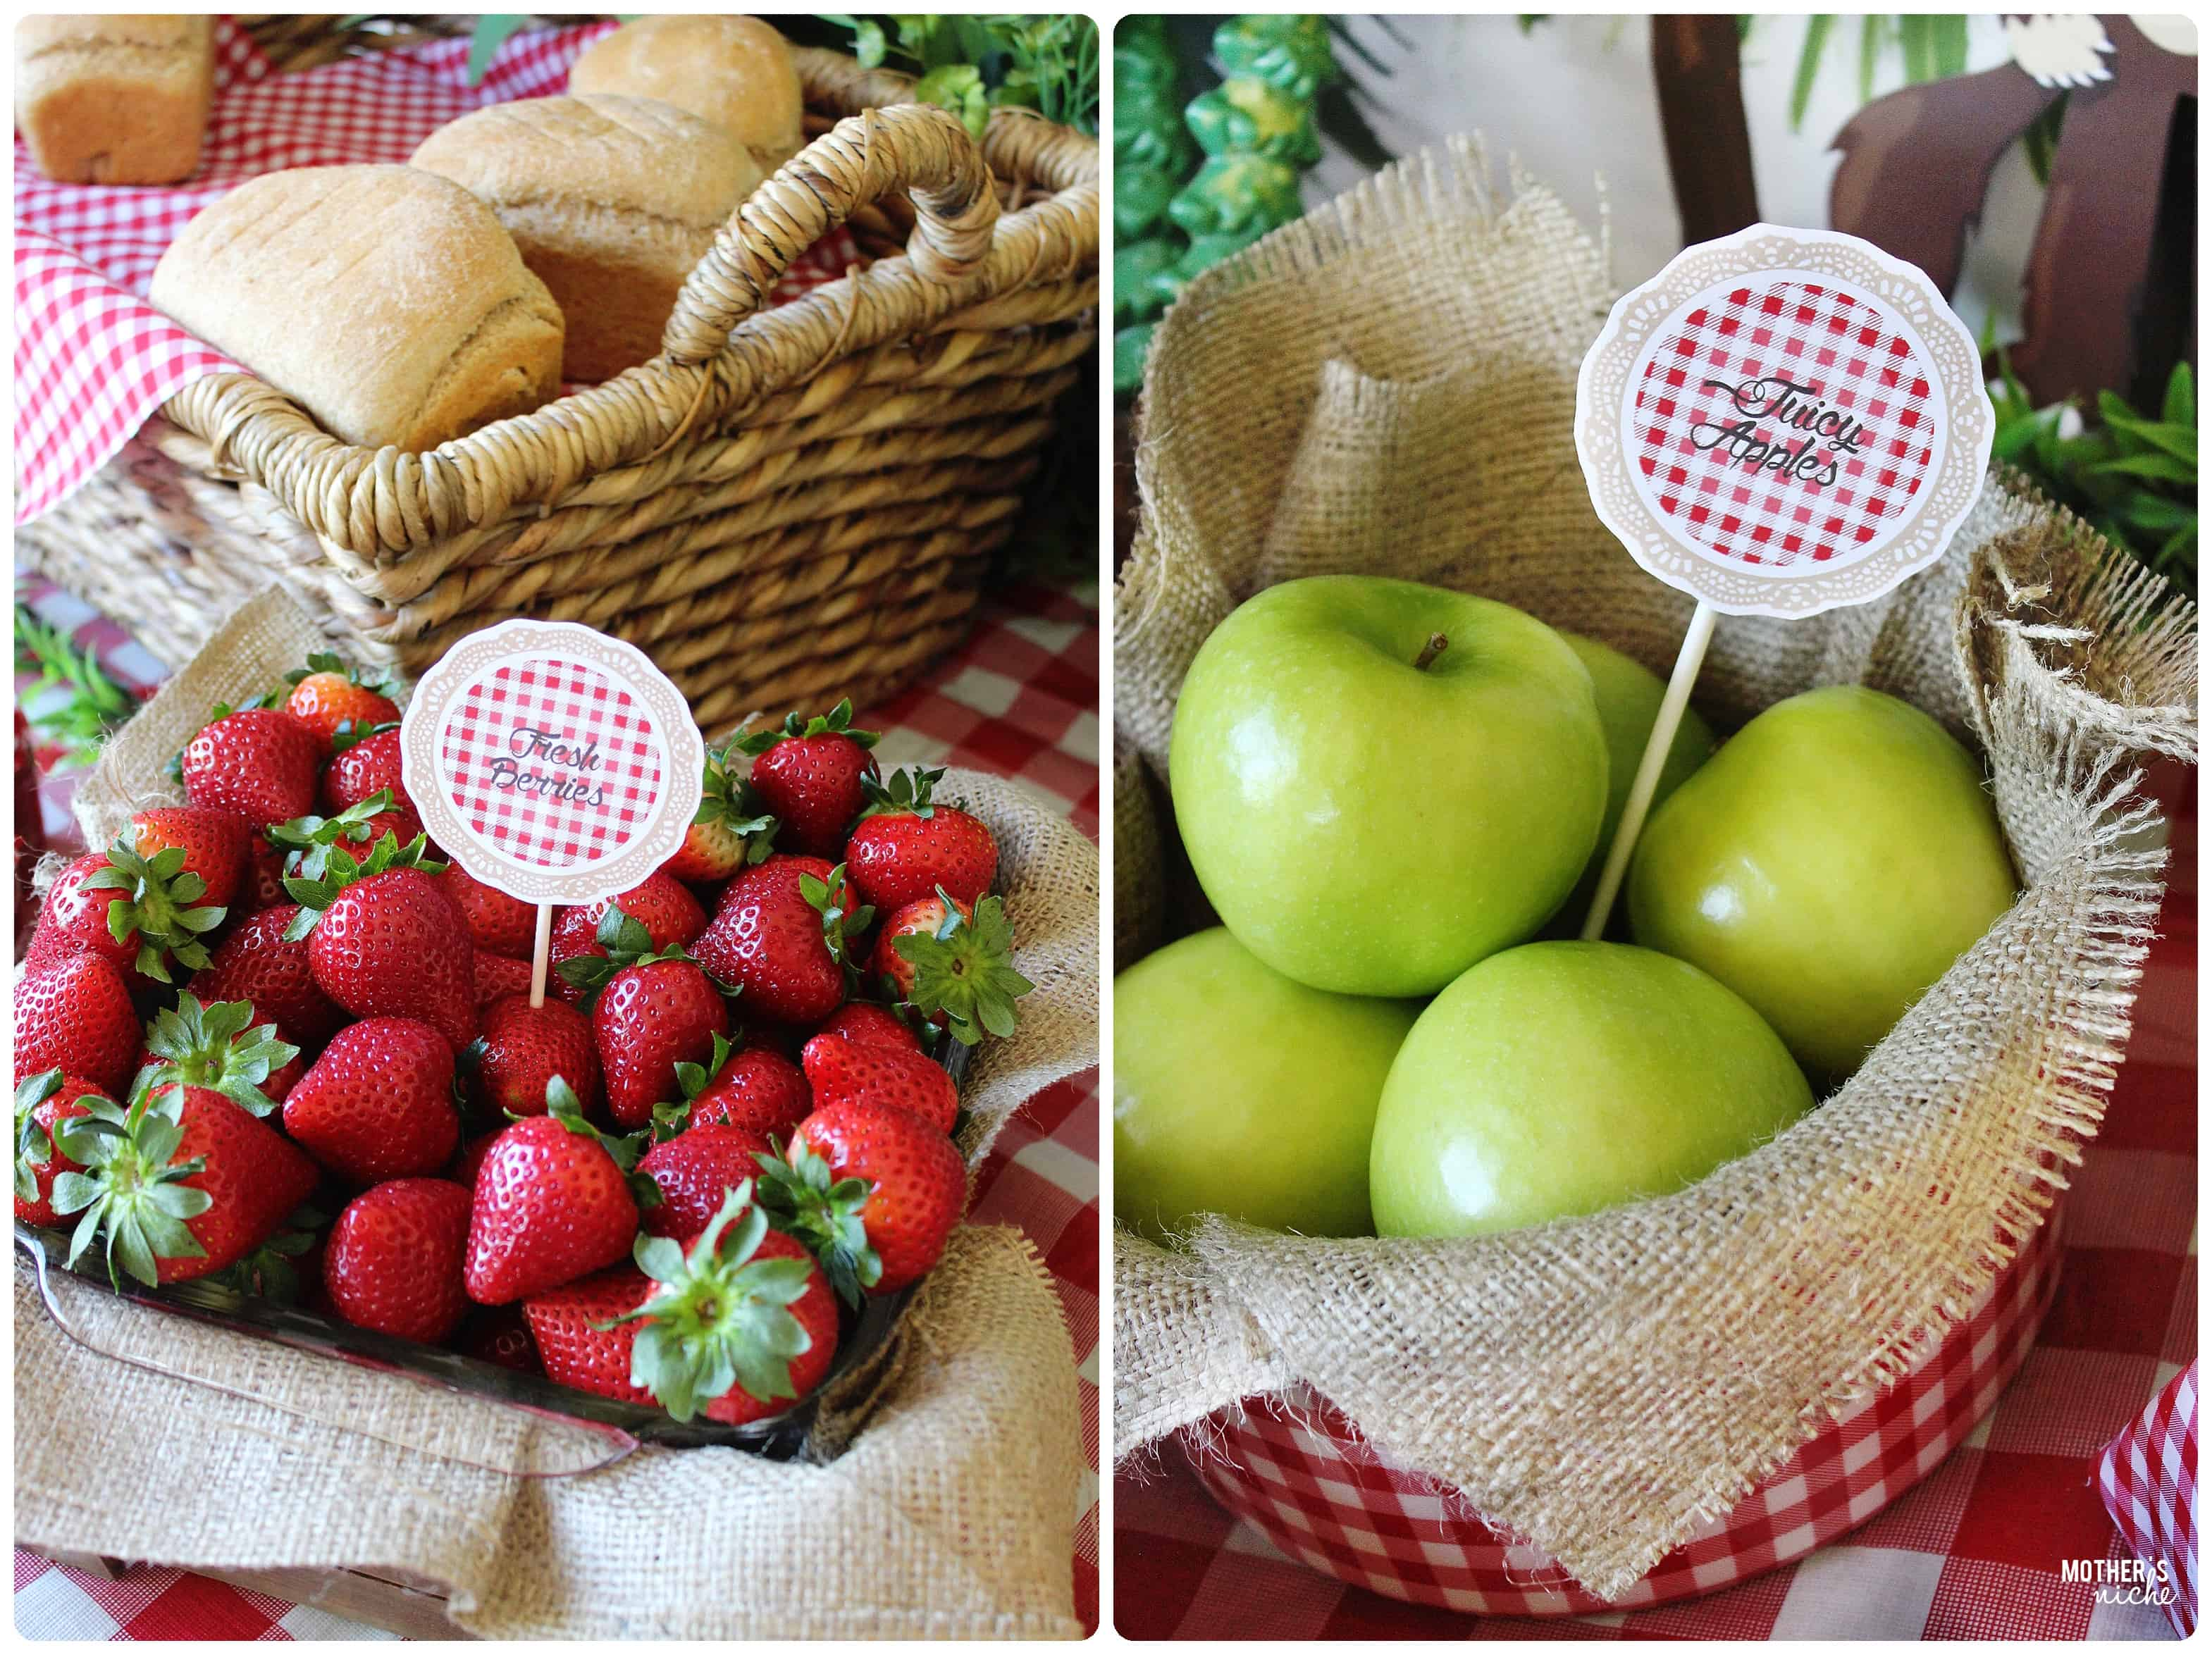 Fresh Berries and Juicy Apples